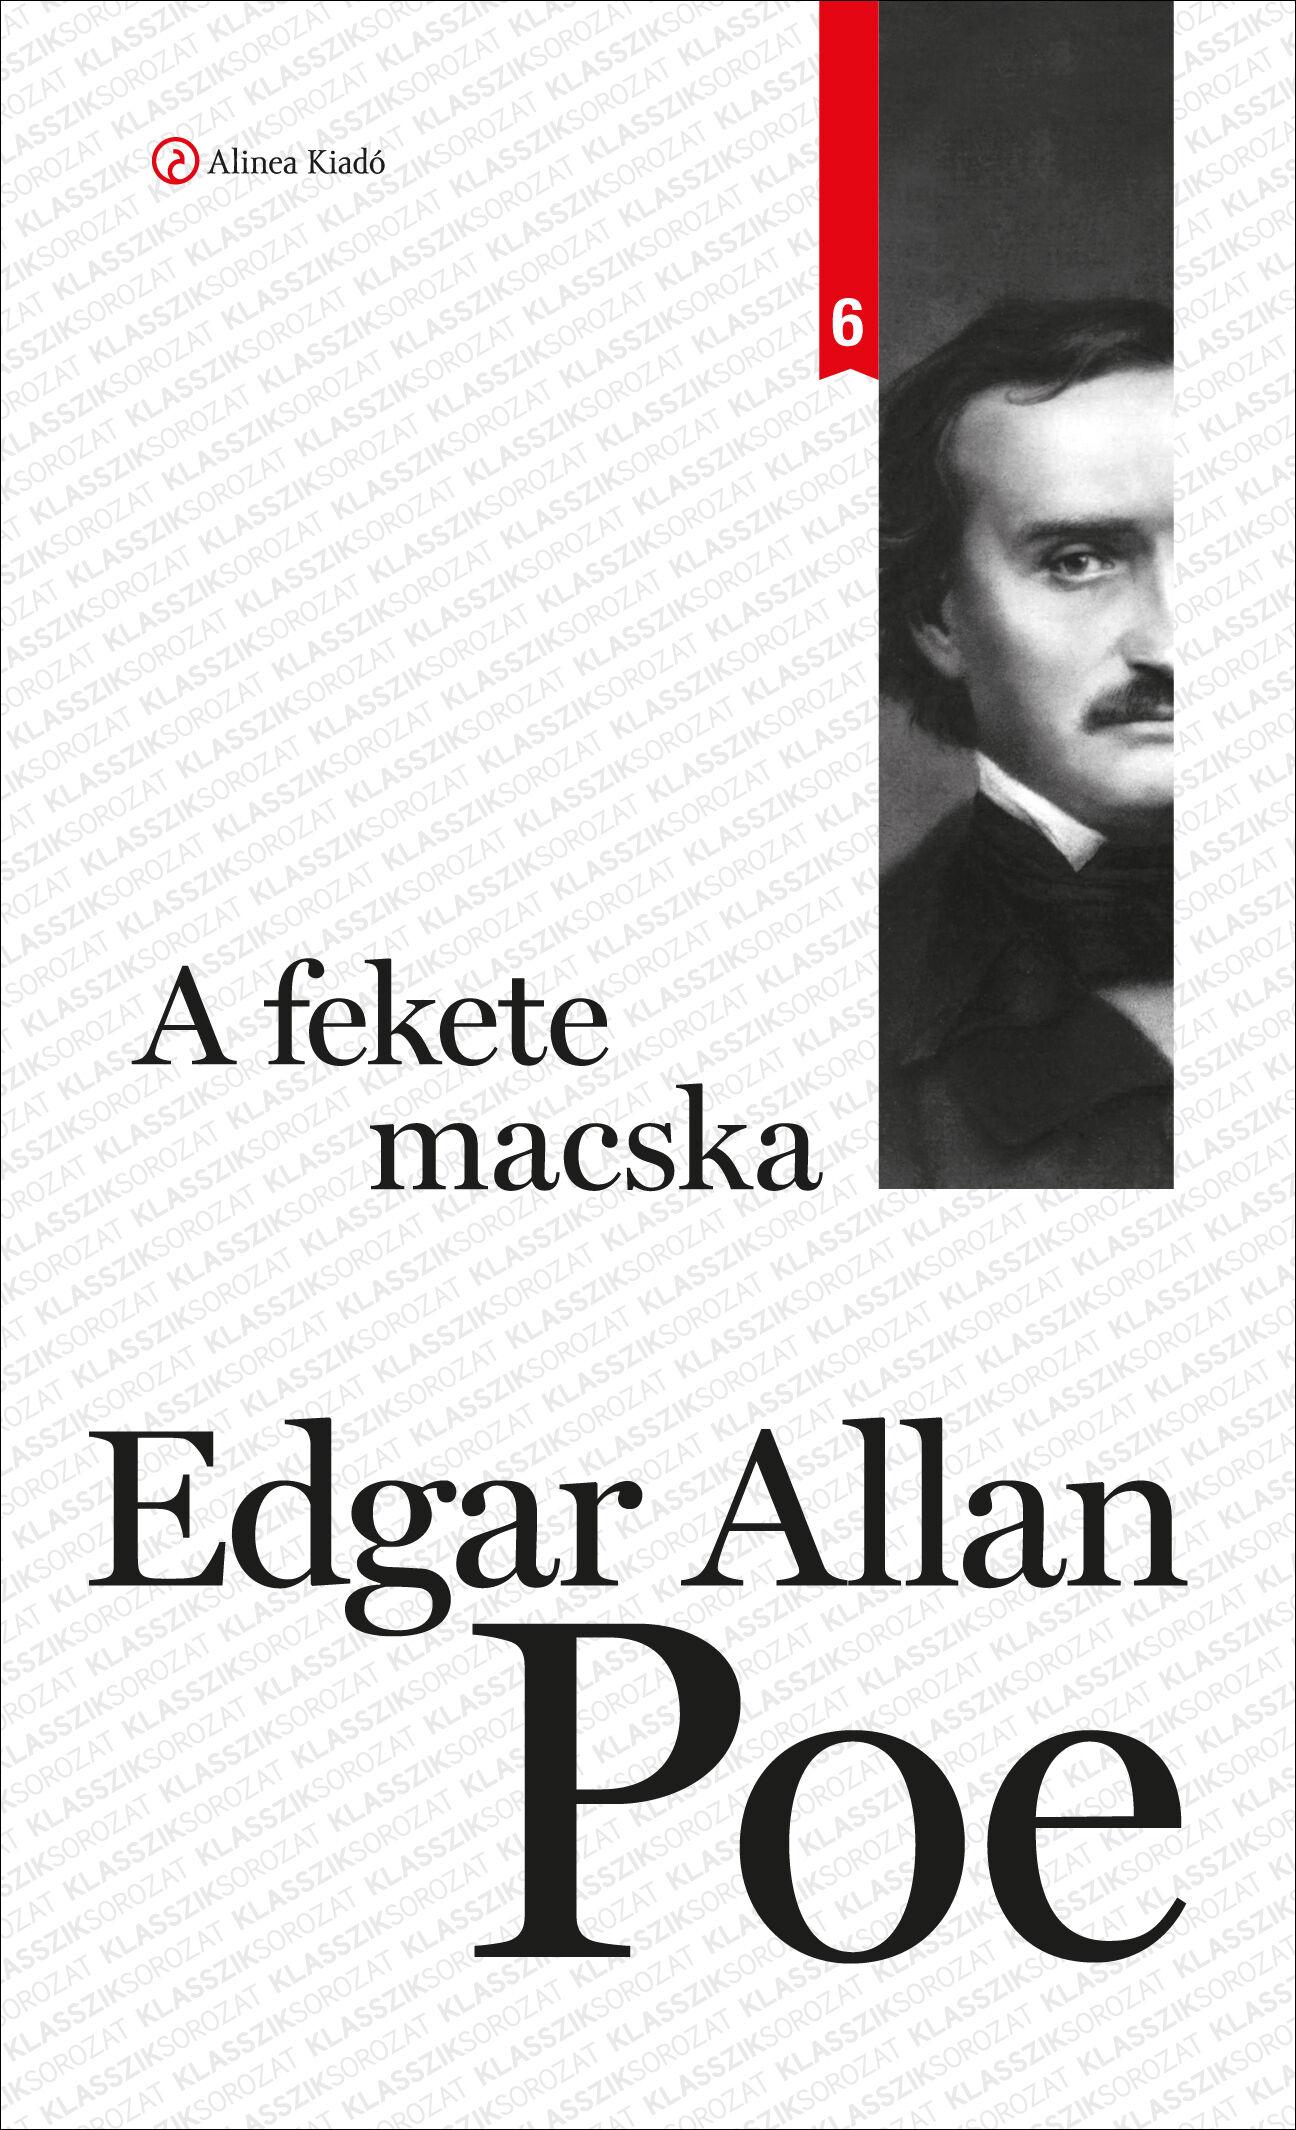 Poe, A fekete macska, Az áruló szív